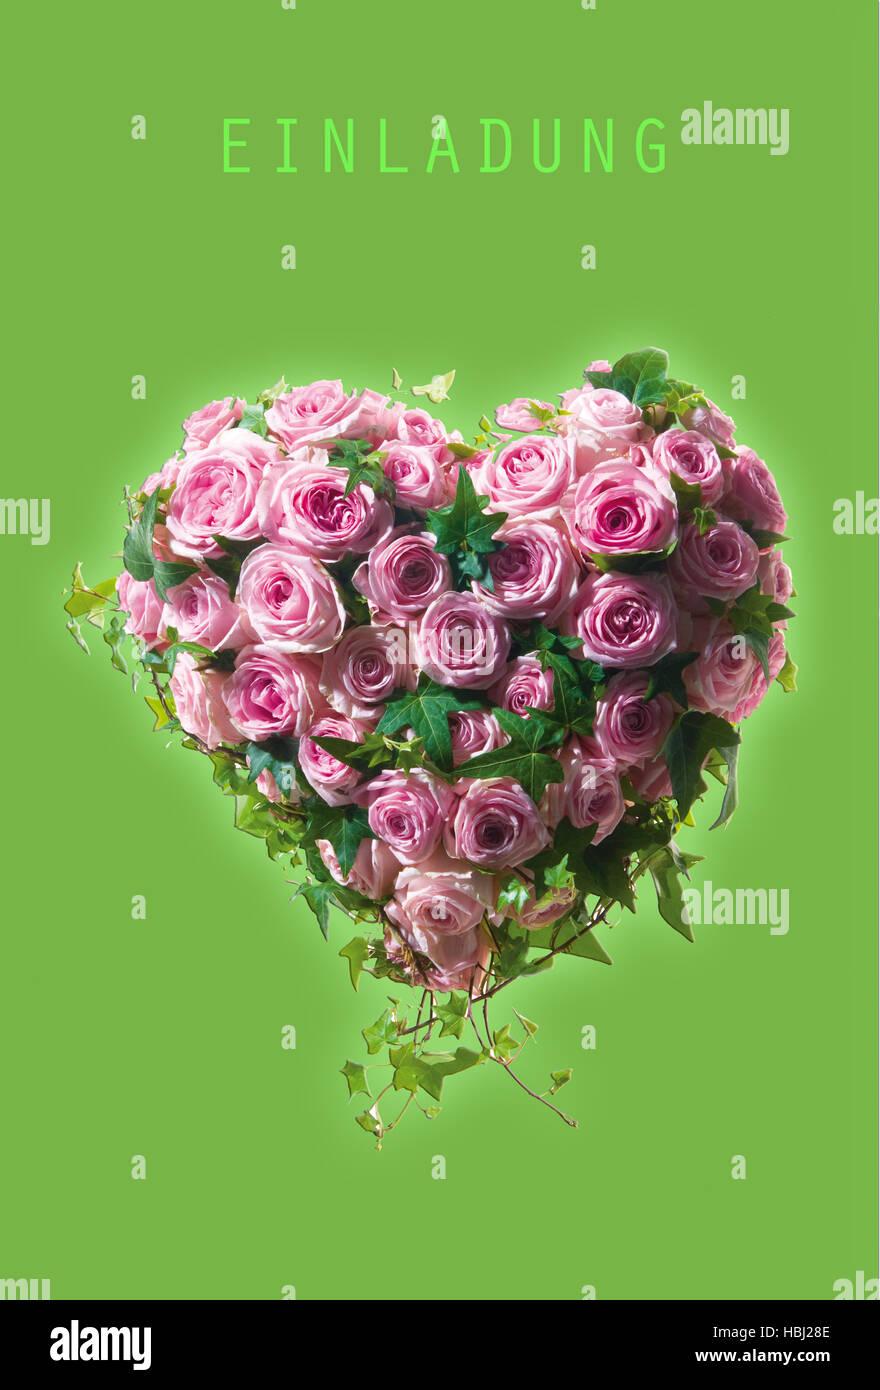 Einladungskarte mit Herz aus Rosen Stockbild